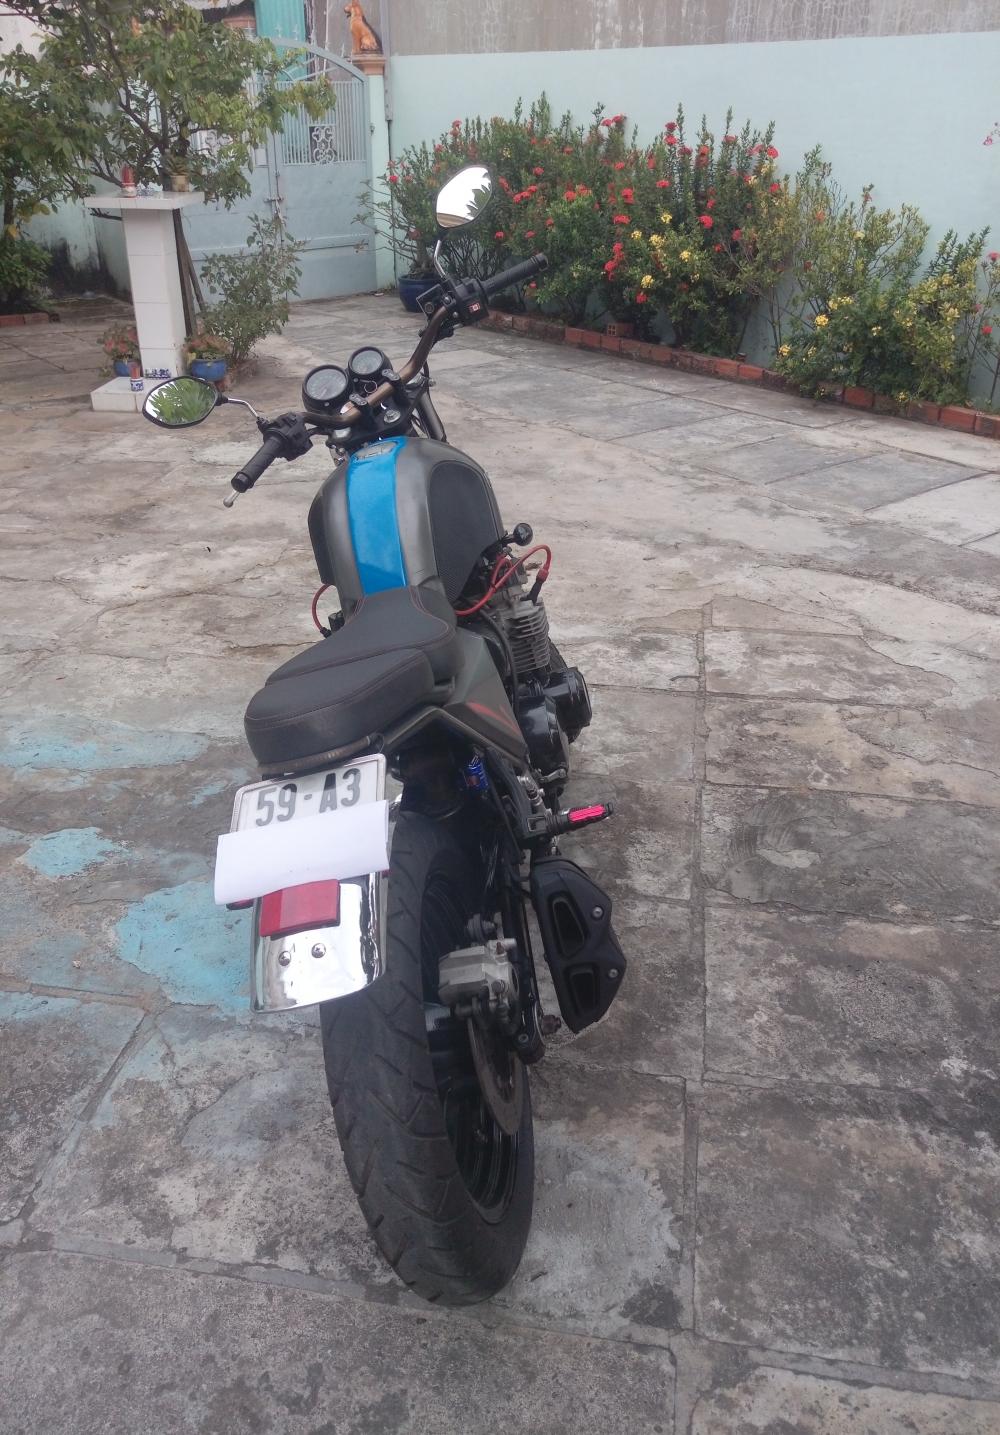 nha chat ban nhanh moto Kawasaki Z800 chinh chu trum men gia 110 trieu - 10